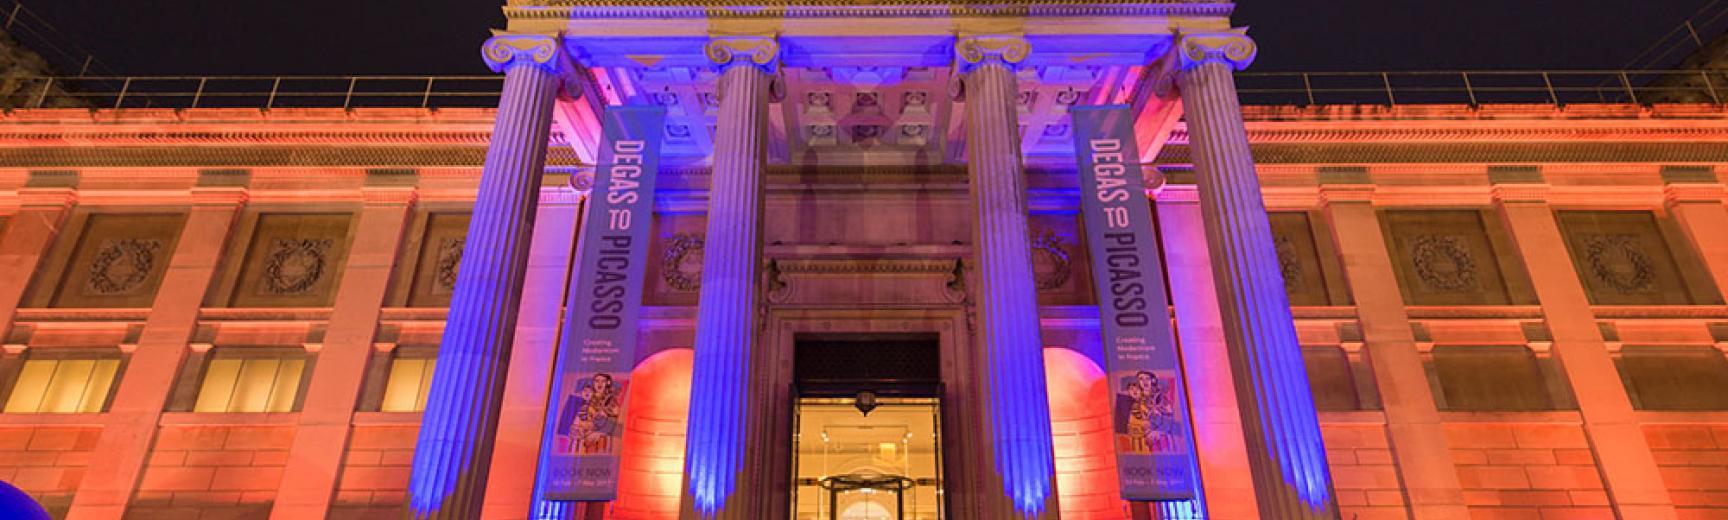 Ashmolean Venue Hire – The Museum's Exterior Lit Up